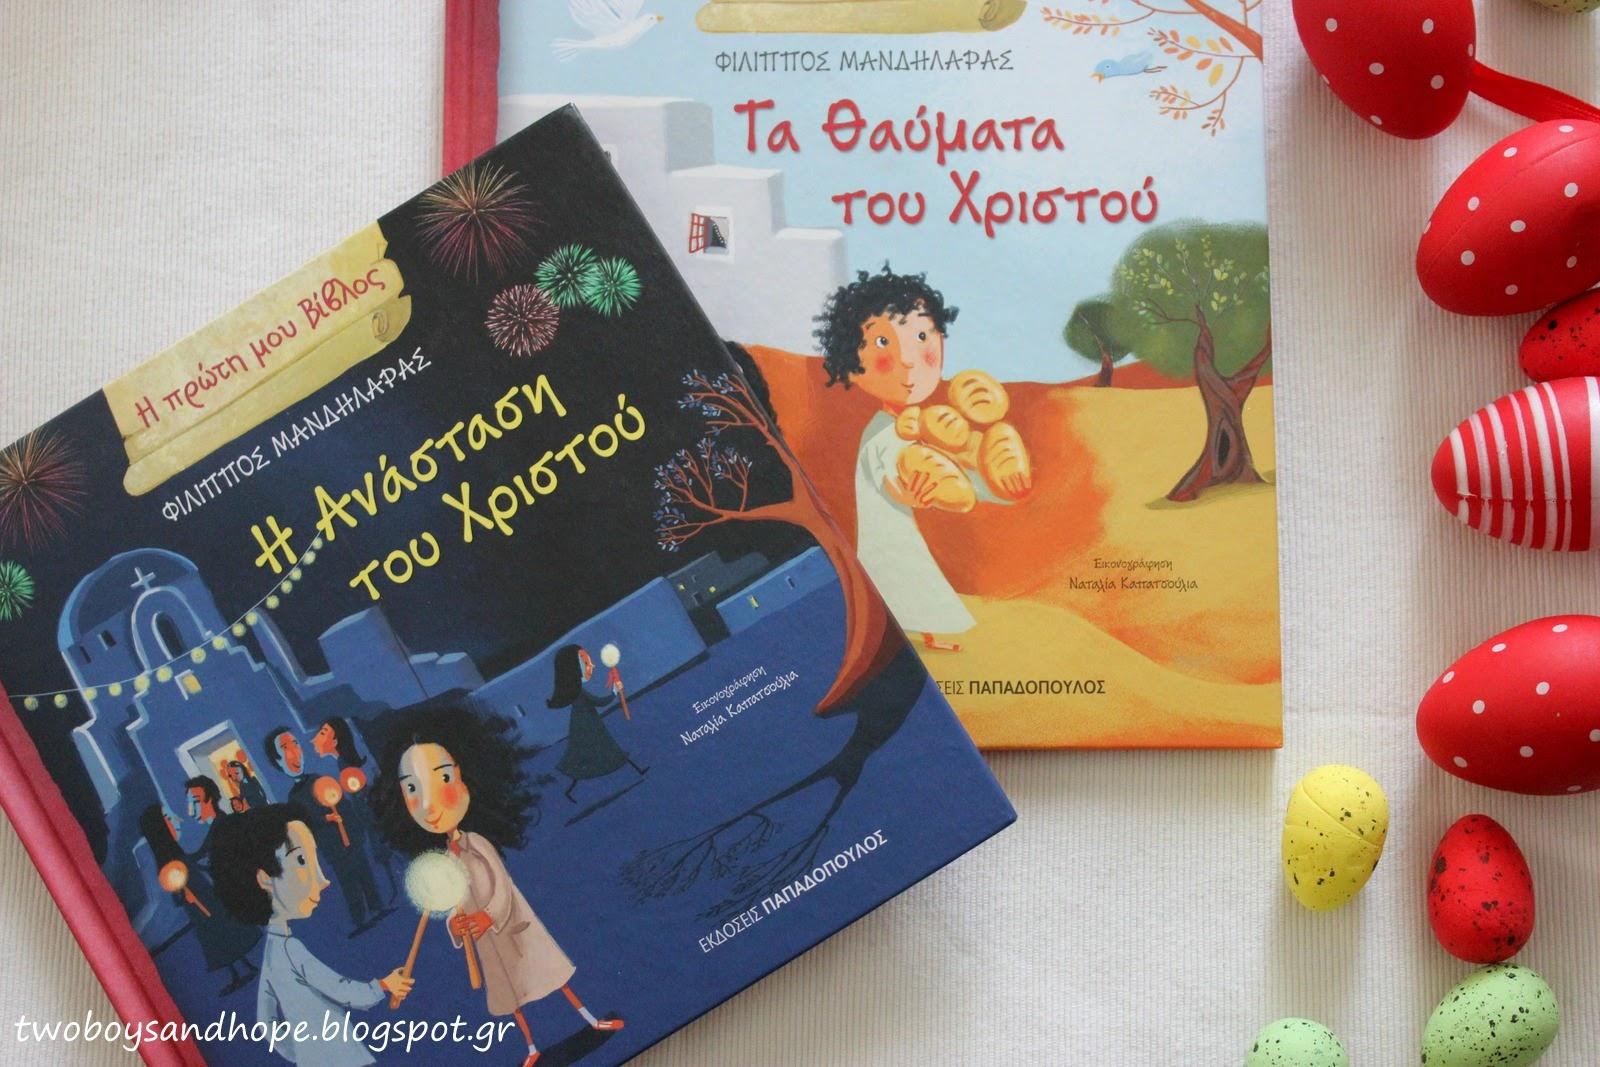 Διαβάζουμε: Η πρώτη μου βίβλος